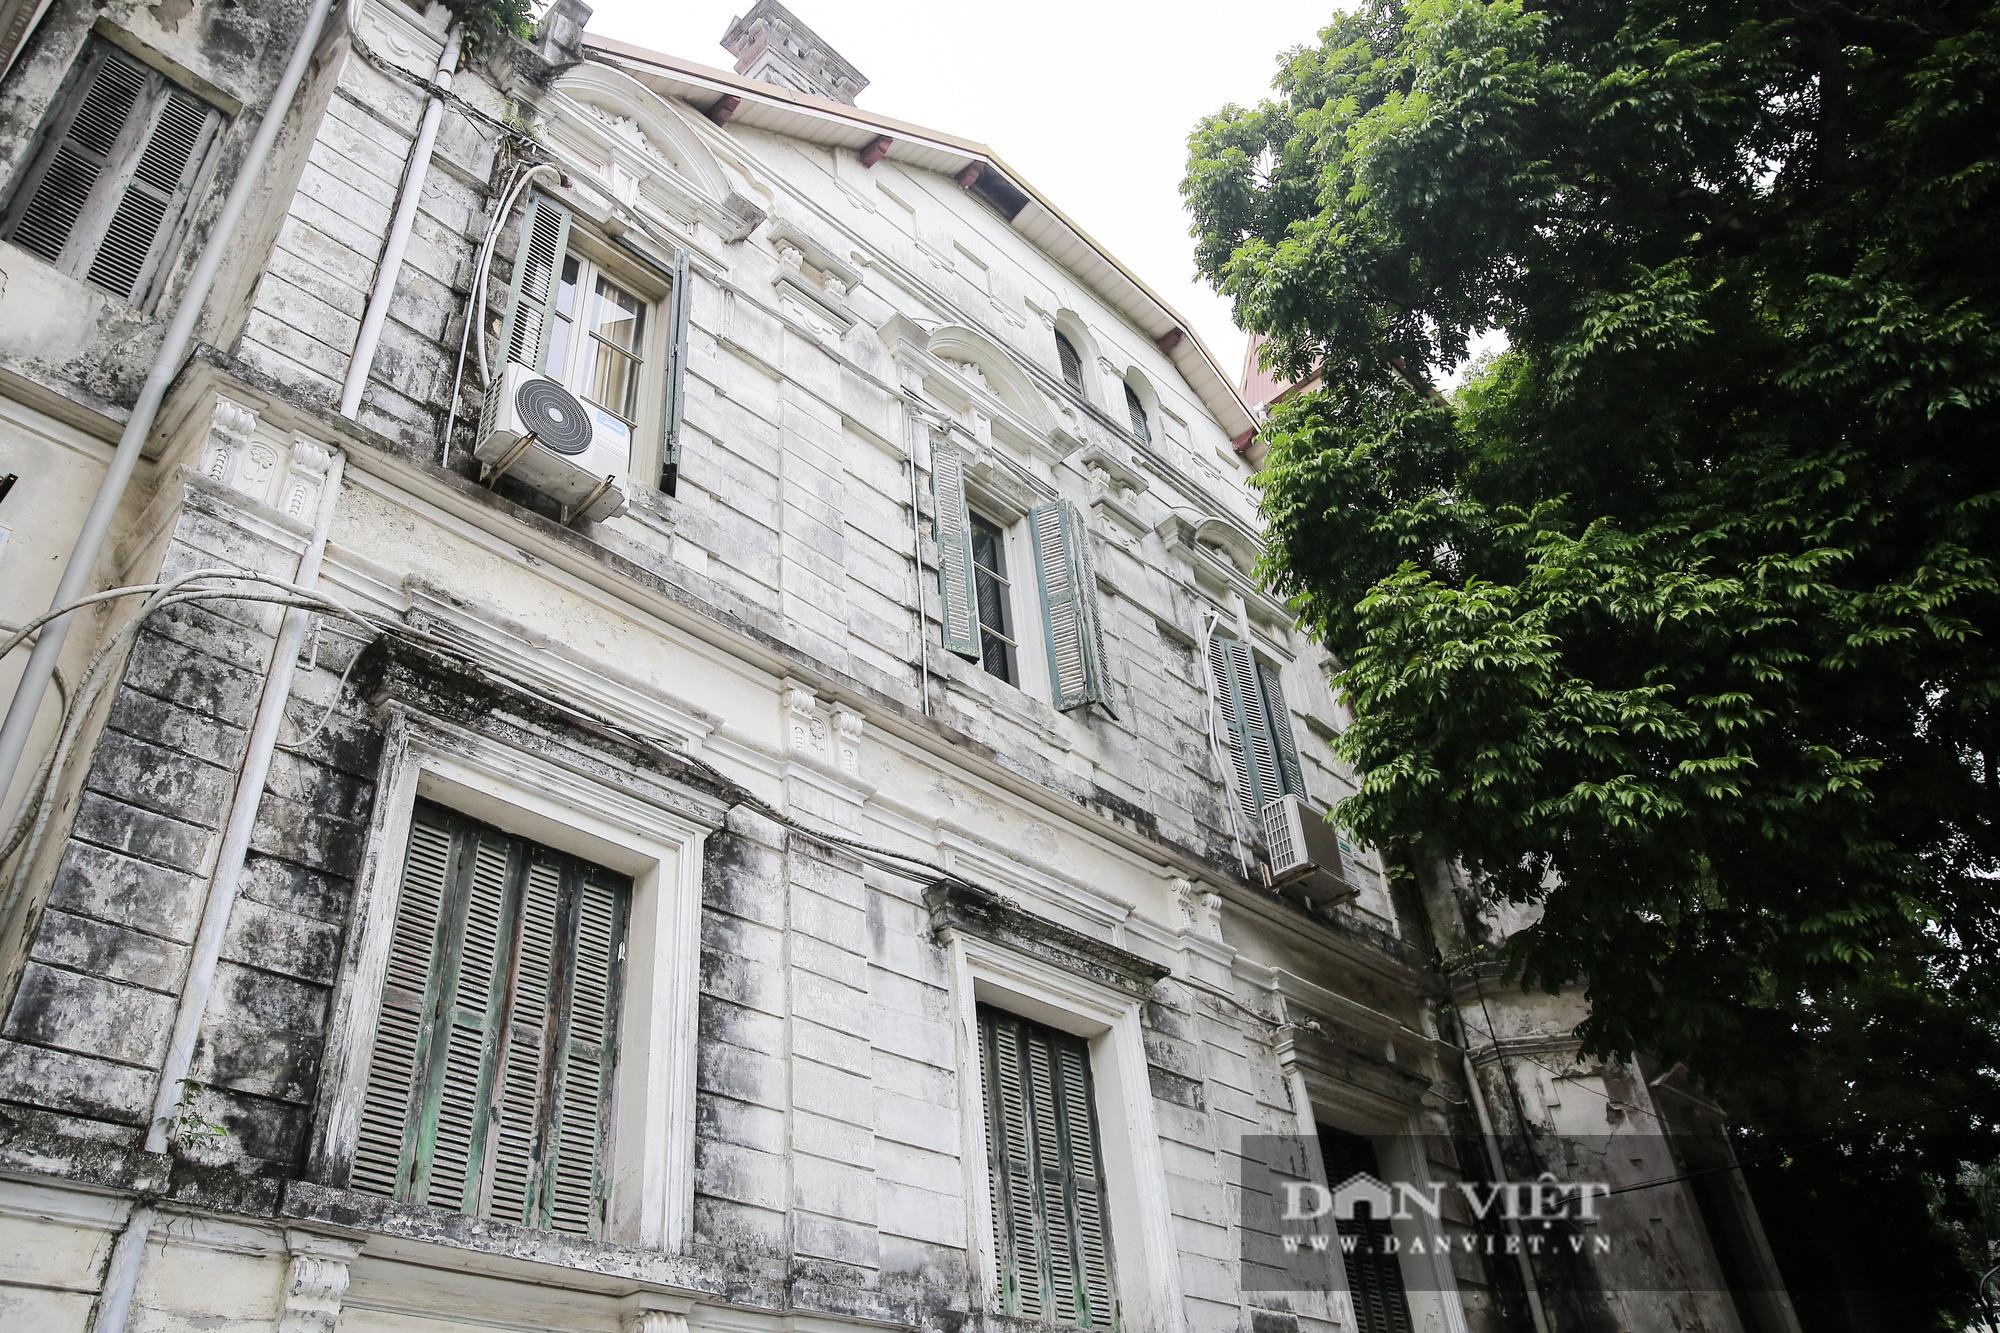 Khám phá dinh thự thứ 8 rộng 2000m2 của vua Bảo Đại tại Hà Nội - Ảnh 5.